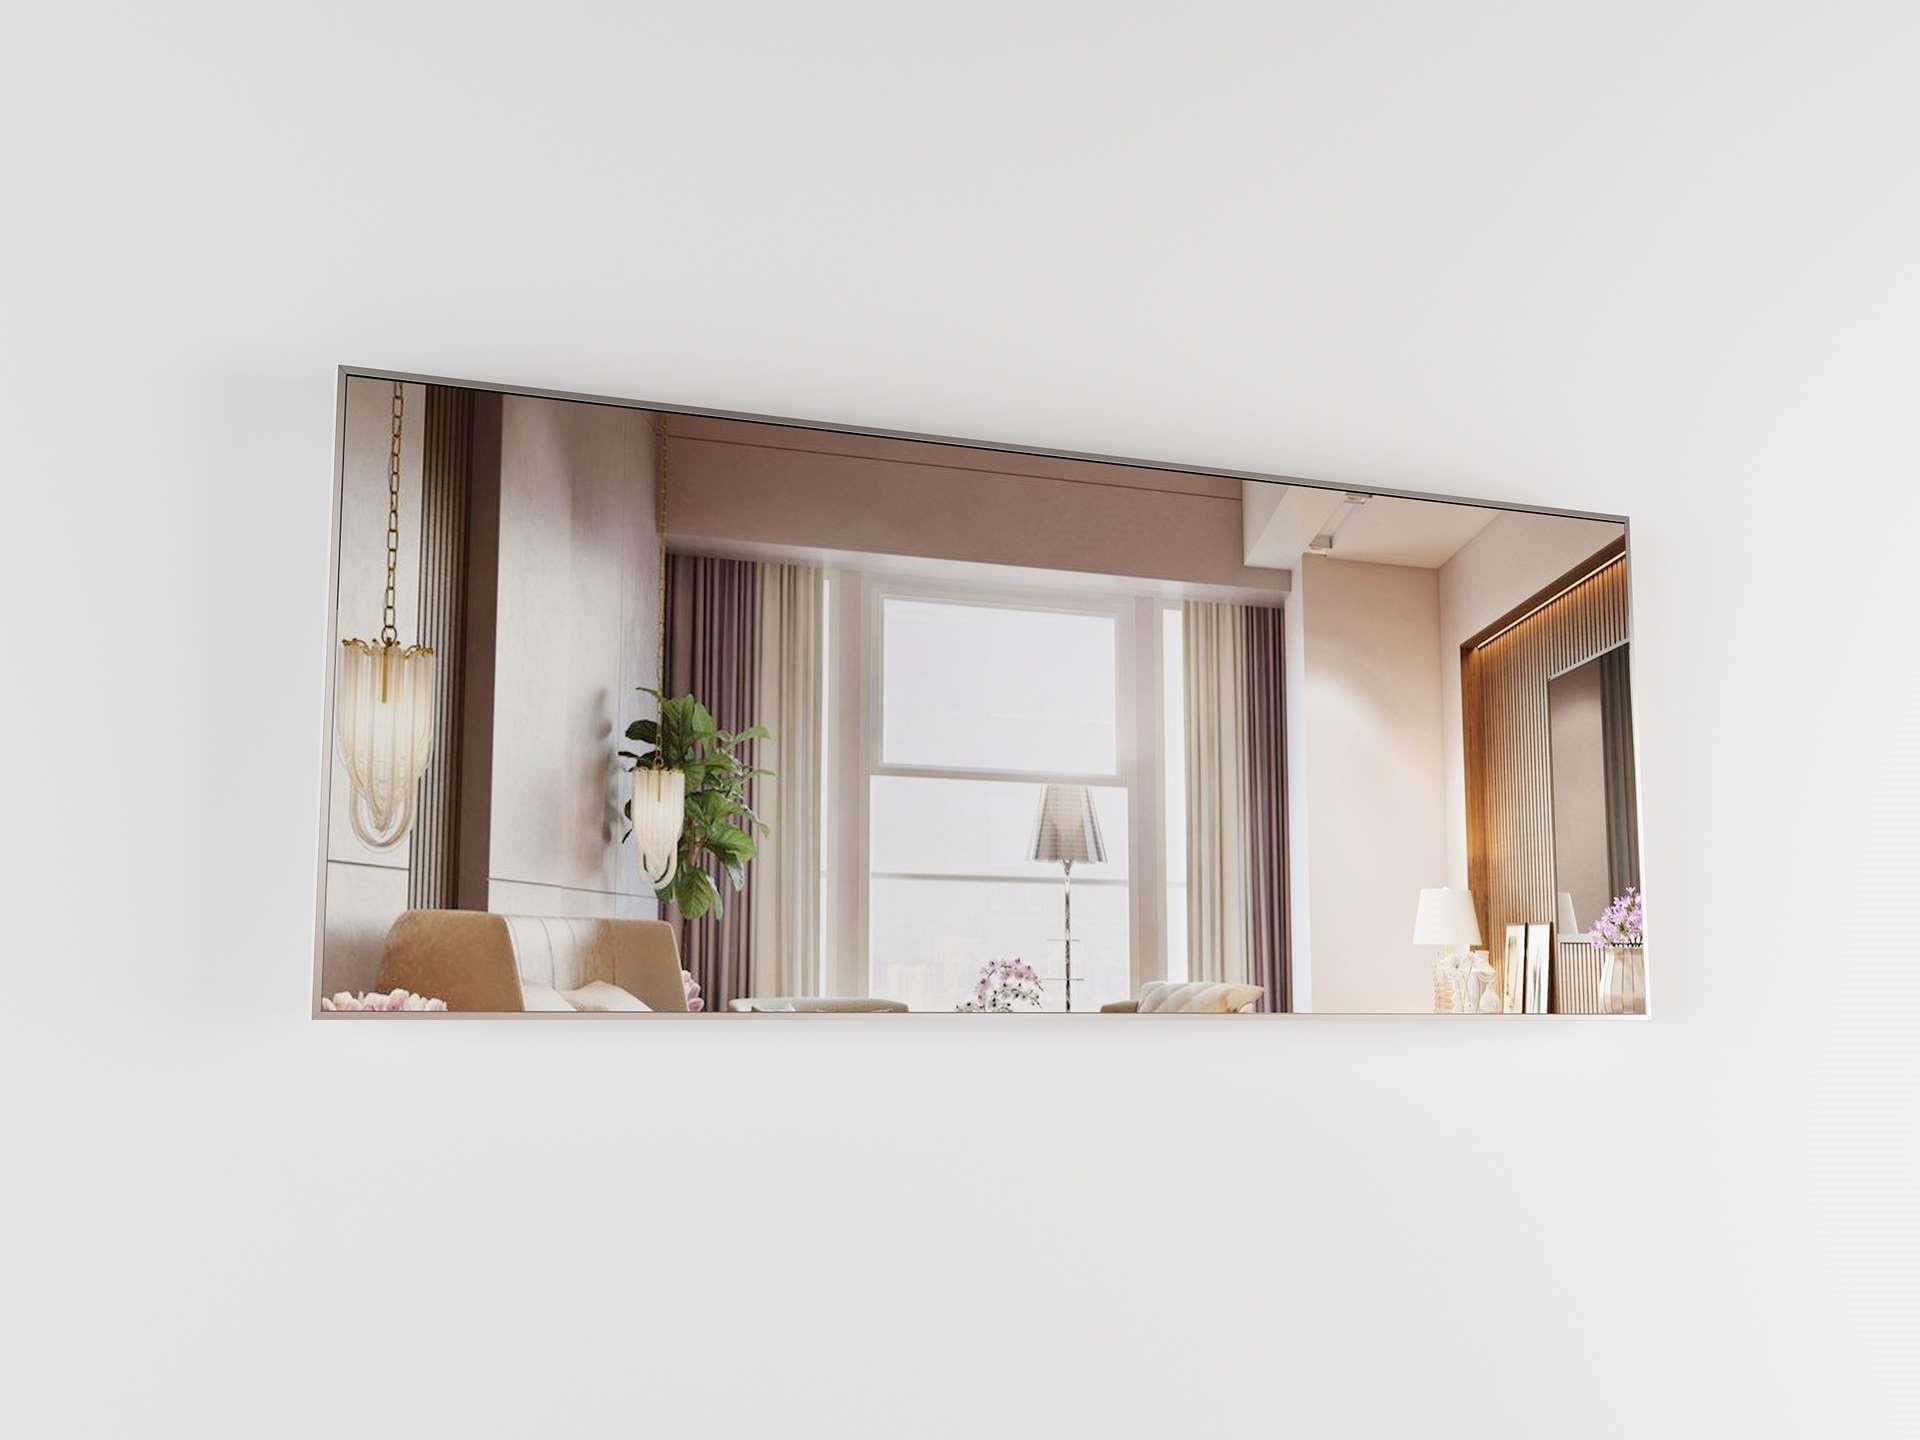 Miroir rectangulaire pour votre salon.